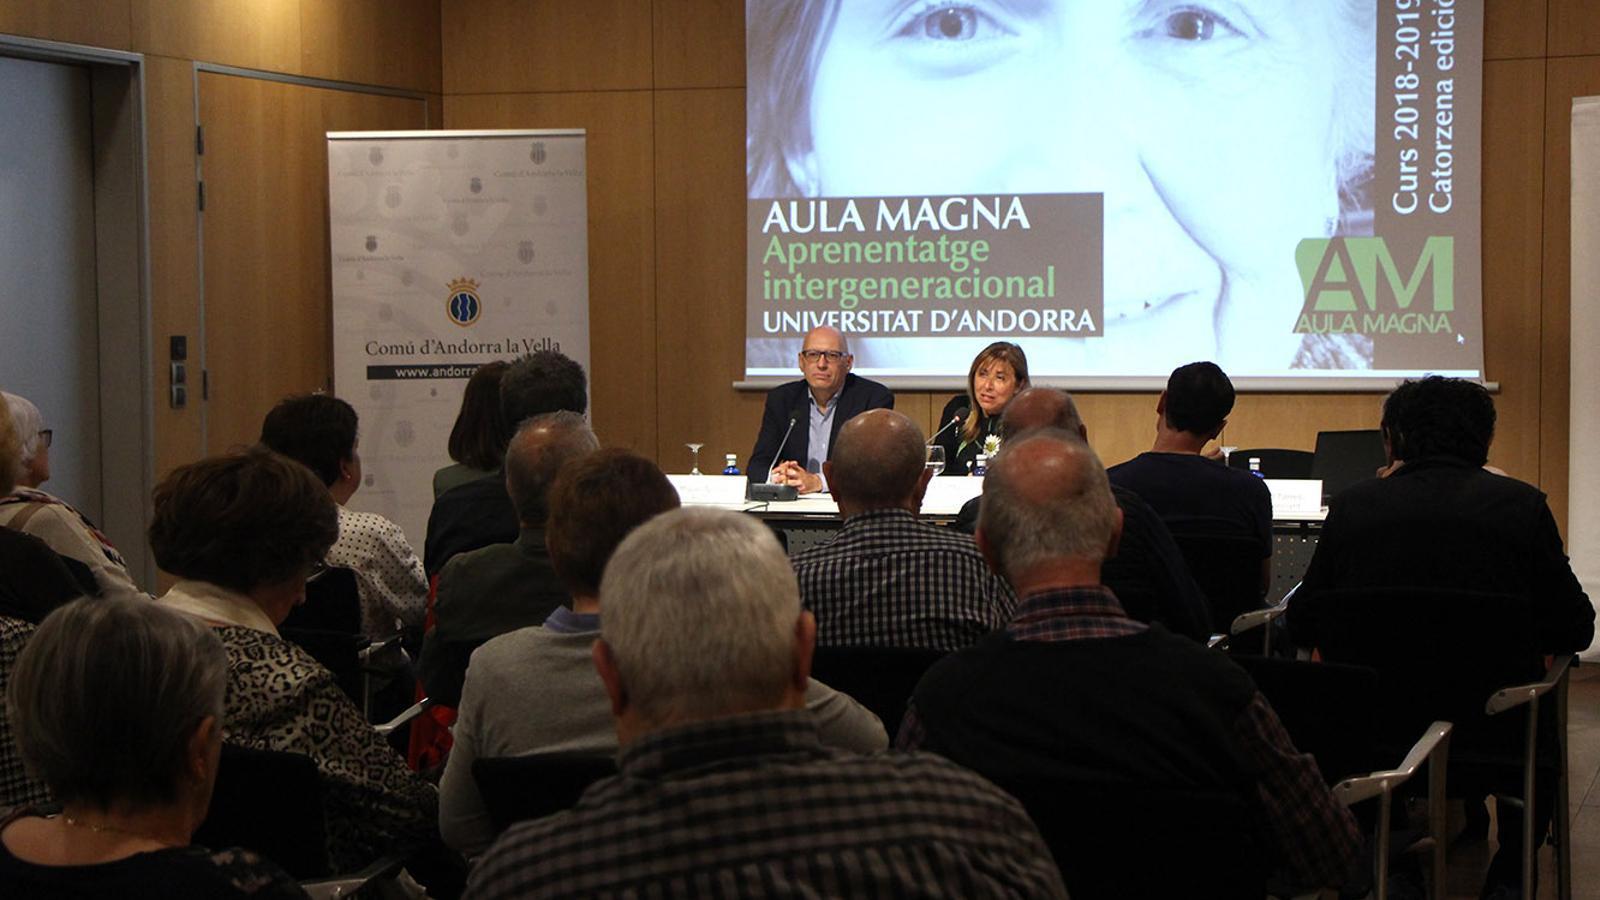 El rector de la Universitat d'Andorra, Miquel Nicolau, i la cònsol major d'Andorra la Vella, Conxita Marsol, en un moment de la cloenda de l'Aula Magna. / M. F. (ANA)